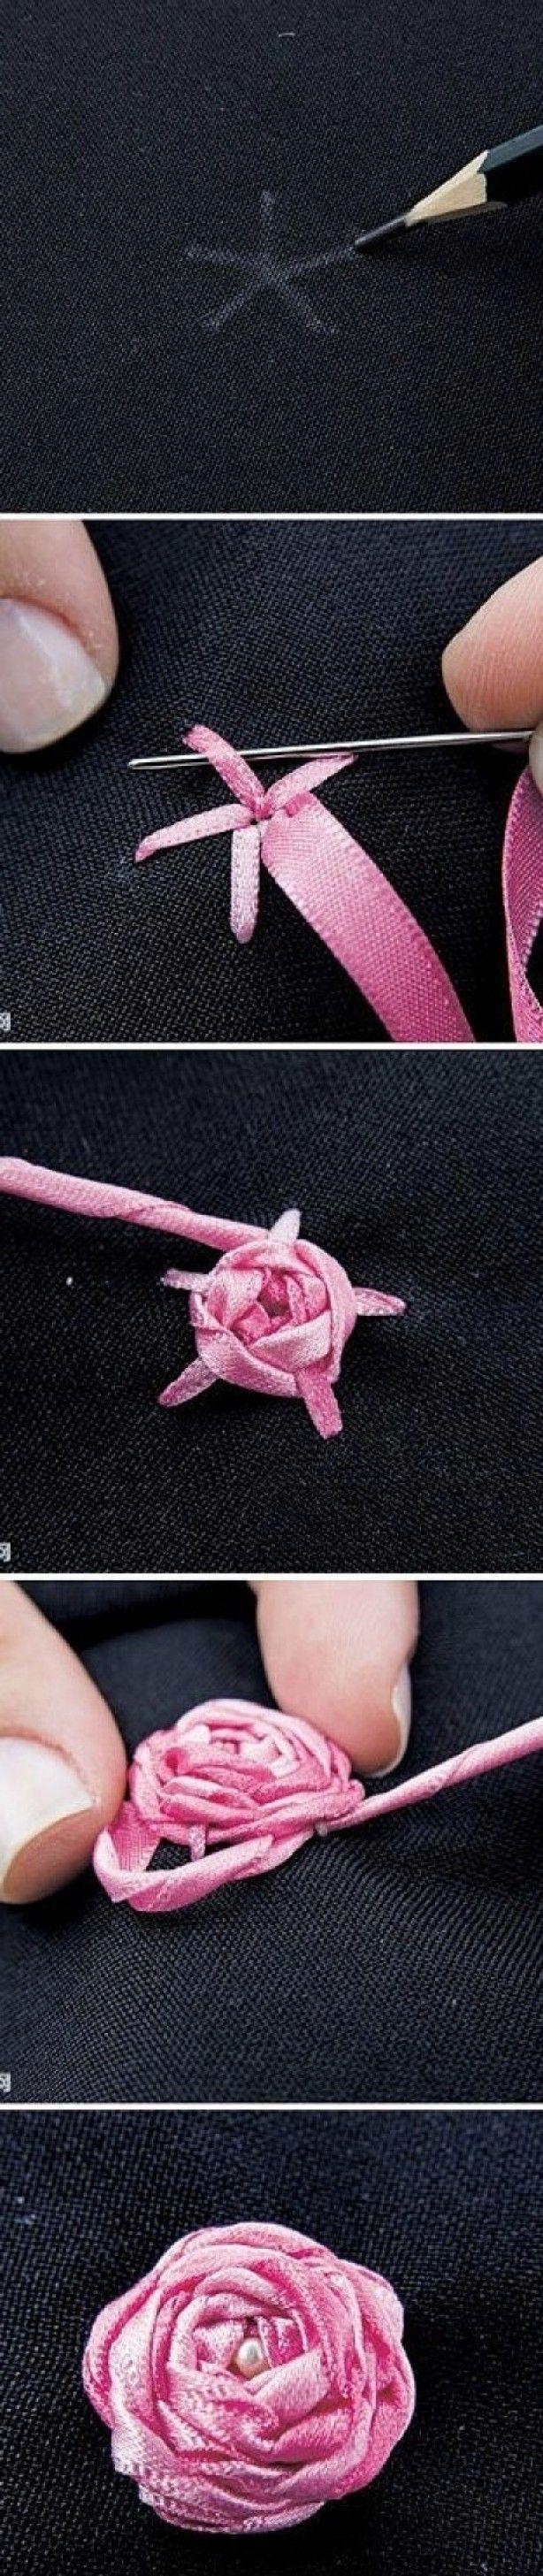 schattige roosjes om  zelf te maken